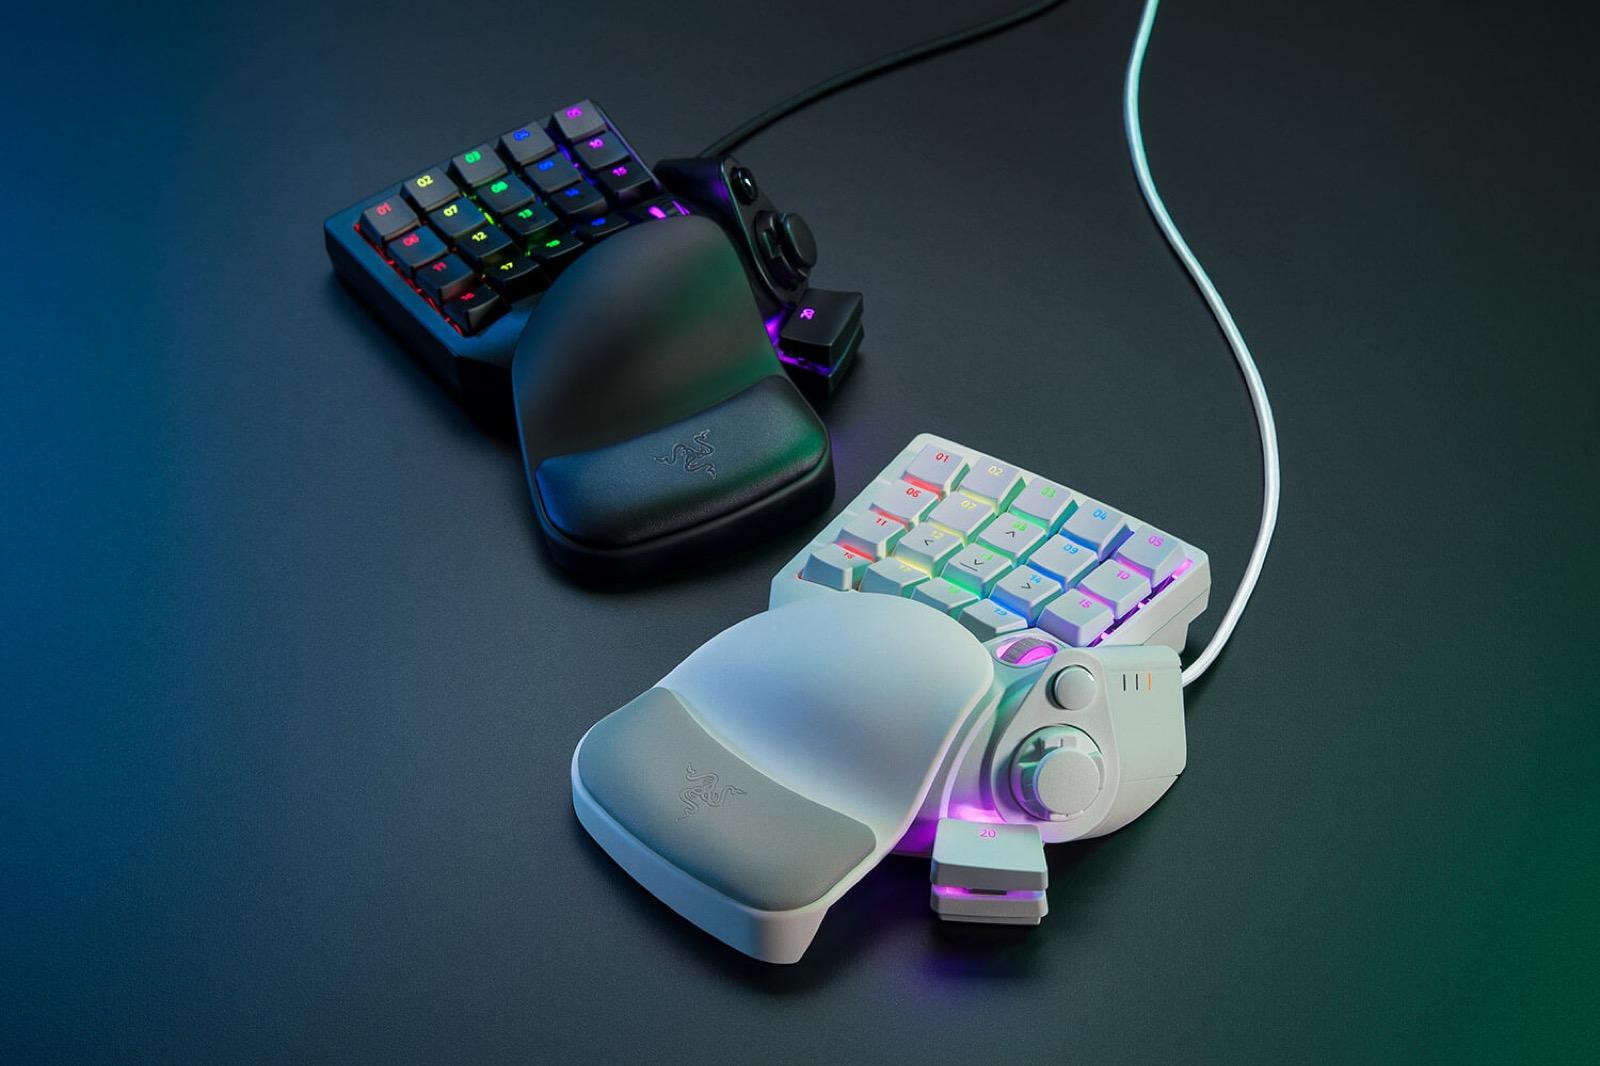 Recensione Razer Tartarus Pro, l'altra metà del mouse